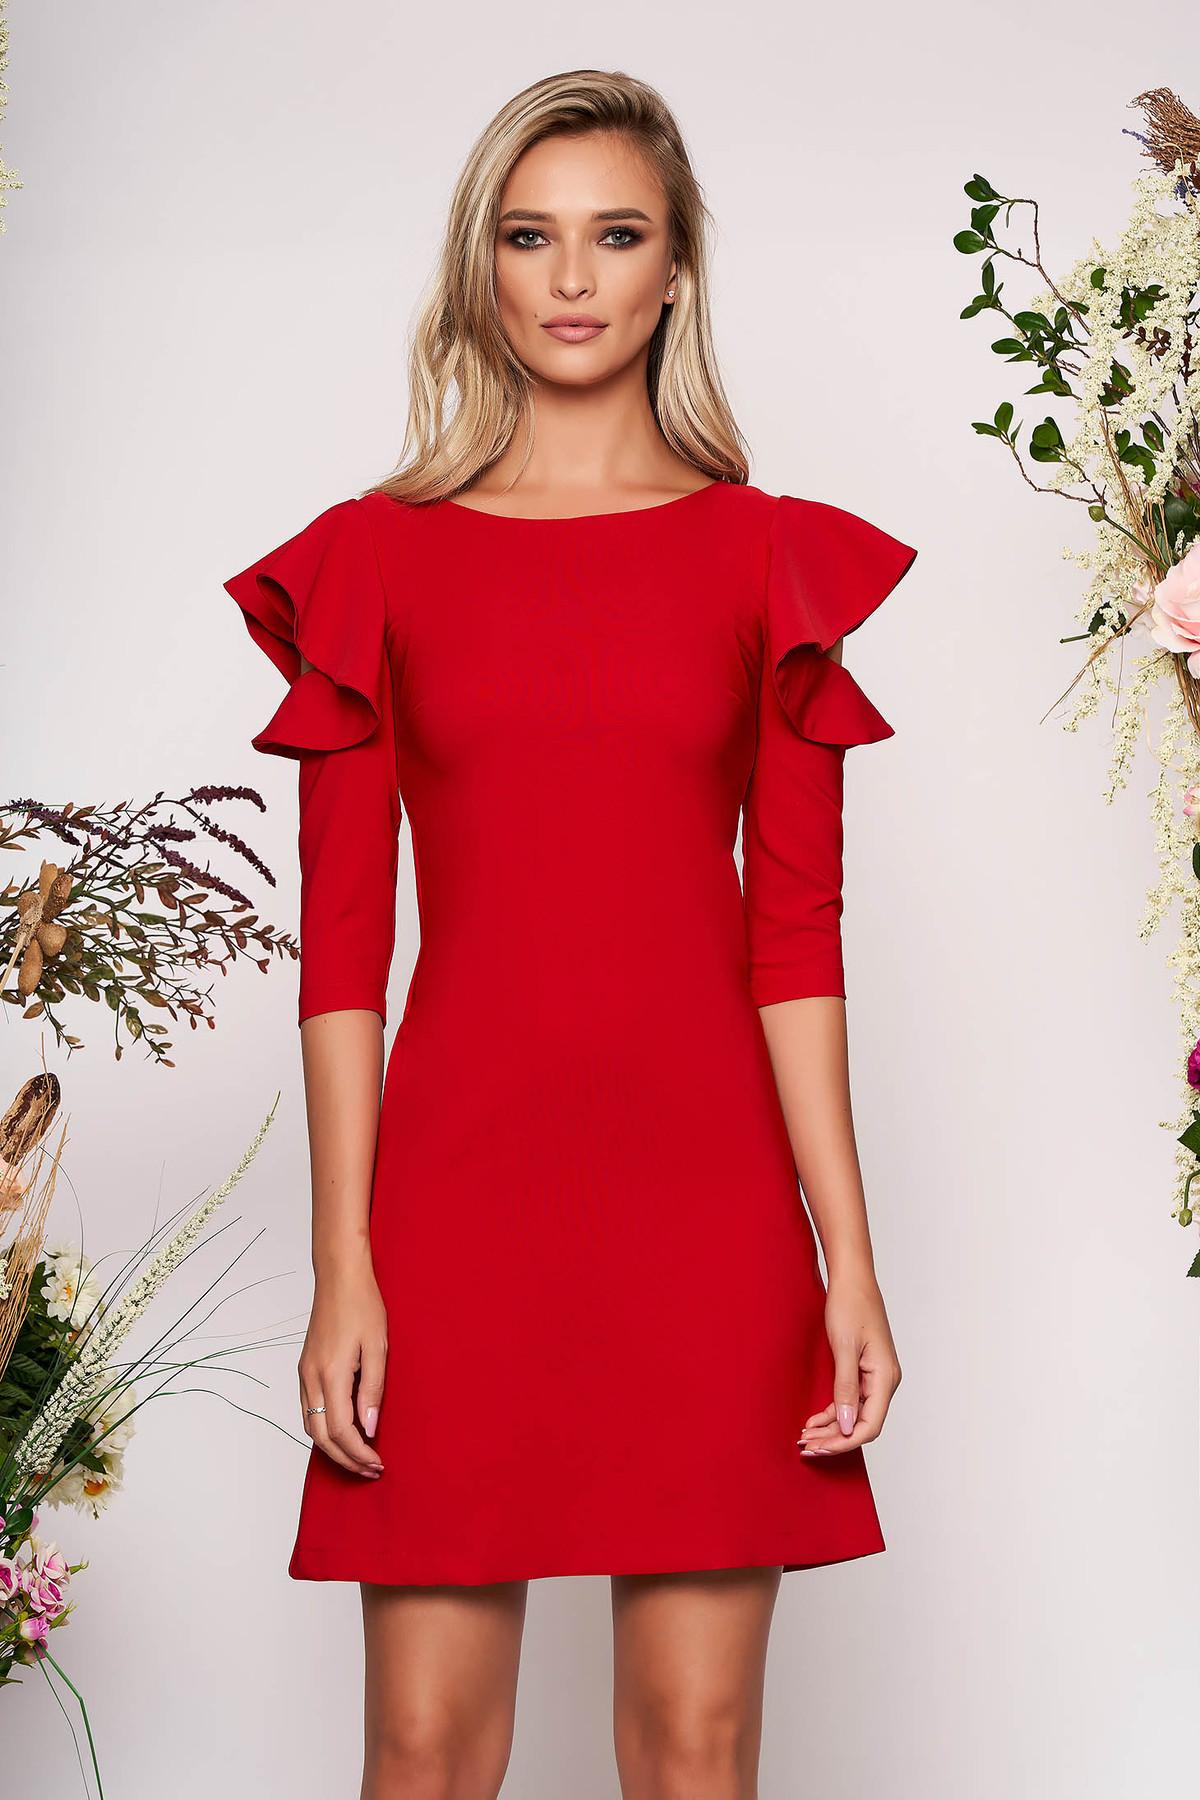 Rochie LaDonna rosie cu croi in a de zi din stofa usor elastica cu volanase la maneca